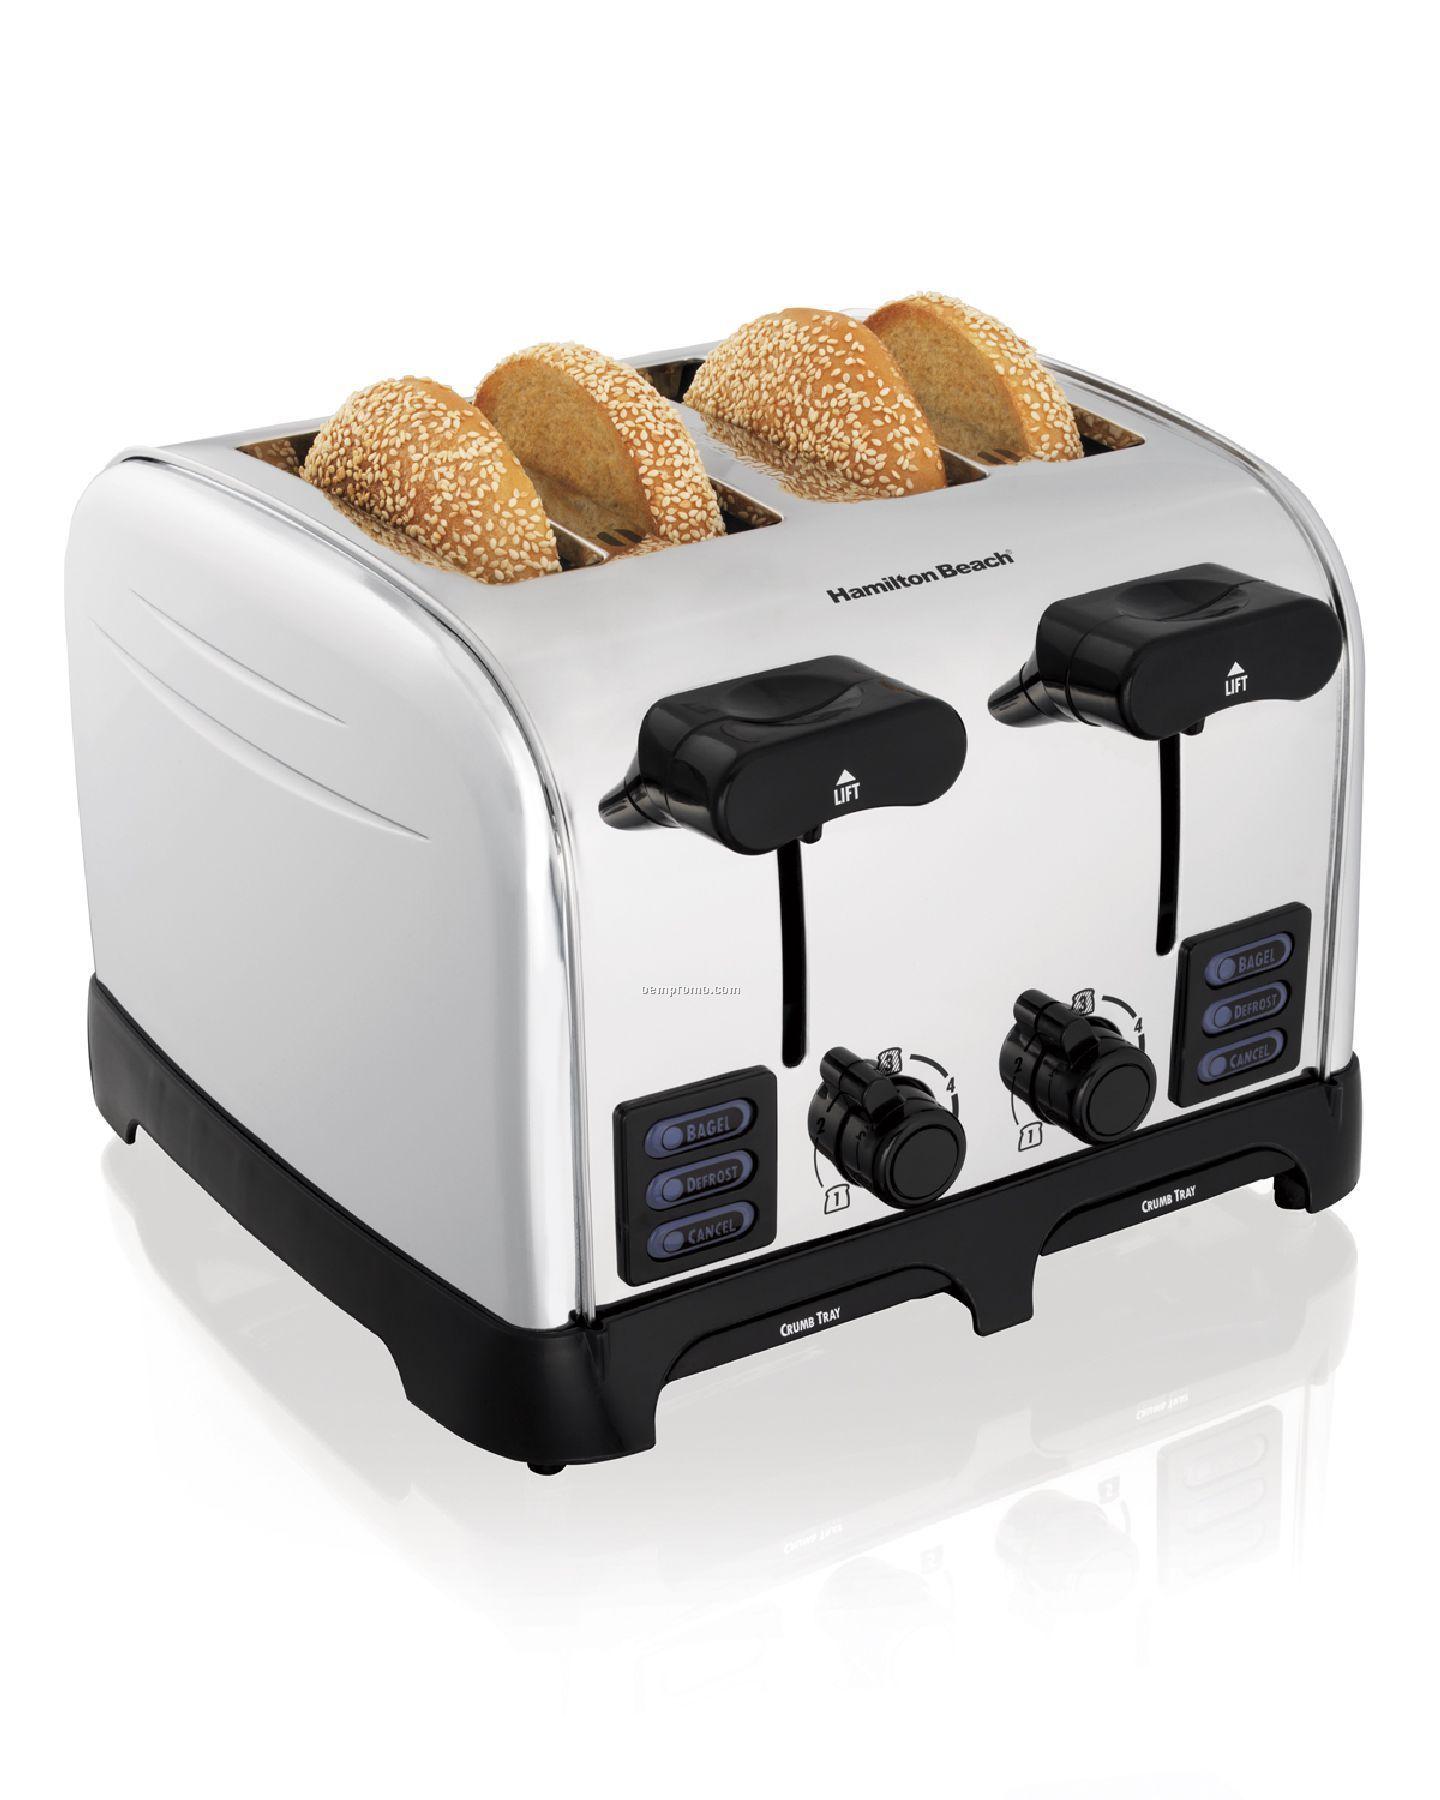 Hamilton Beach - Toasters - 4 Slice - Chrome